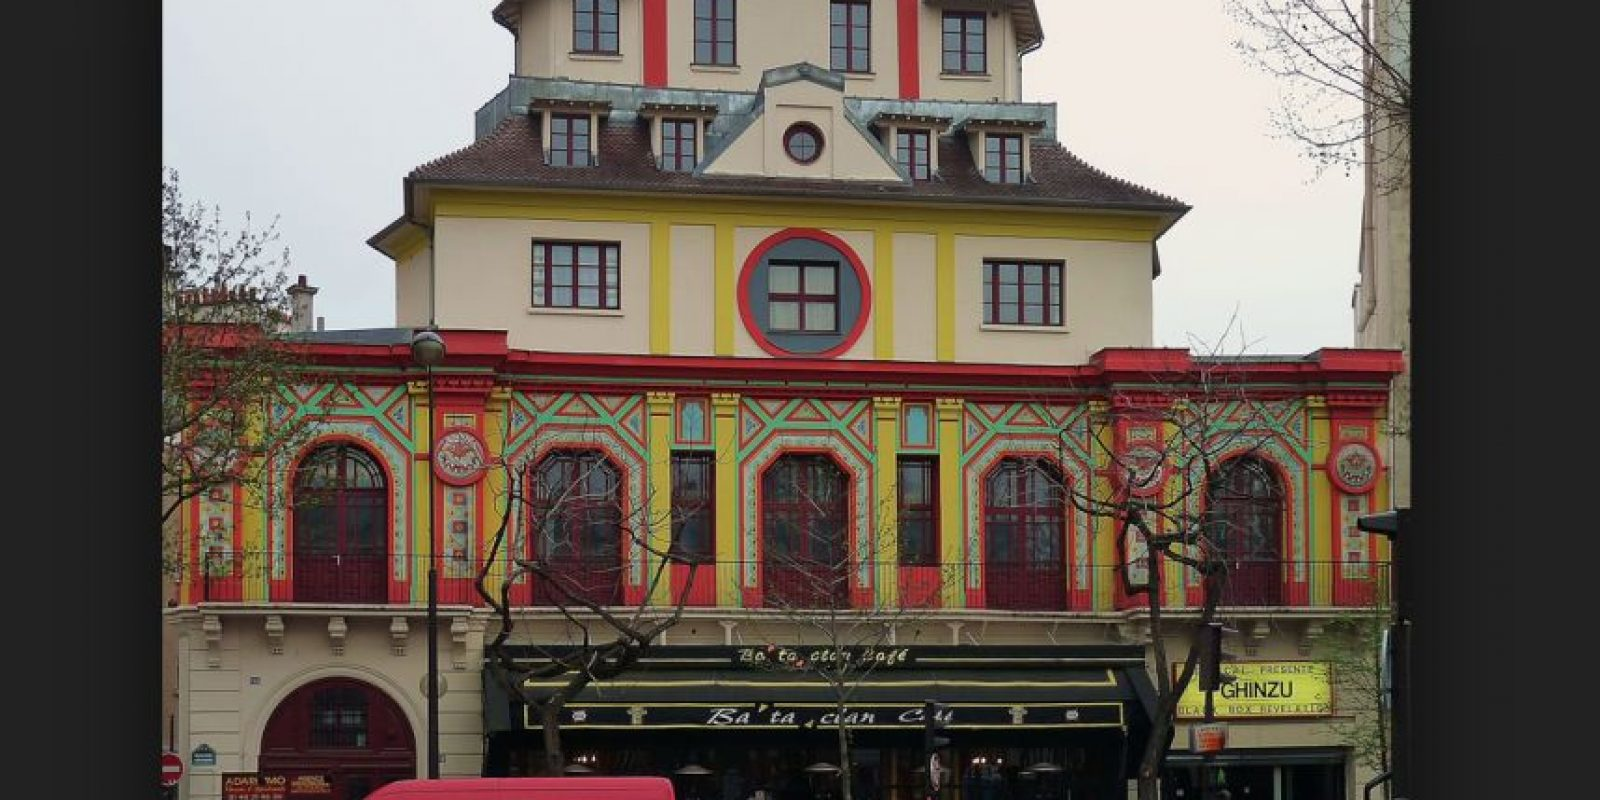 El lugar continúa cerrado pero sus administradores han decidido abrirlo de nuevo. Foto:Vía Wikipedia Commons